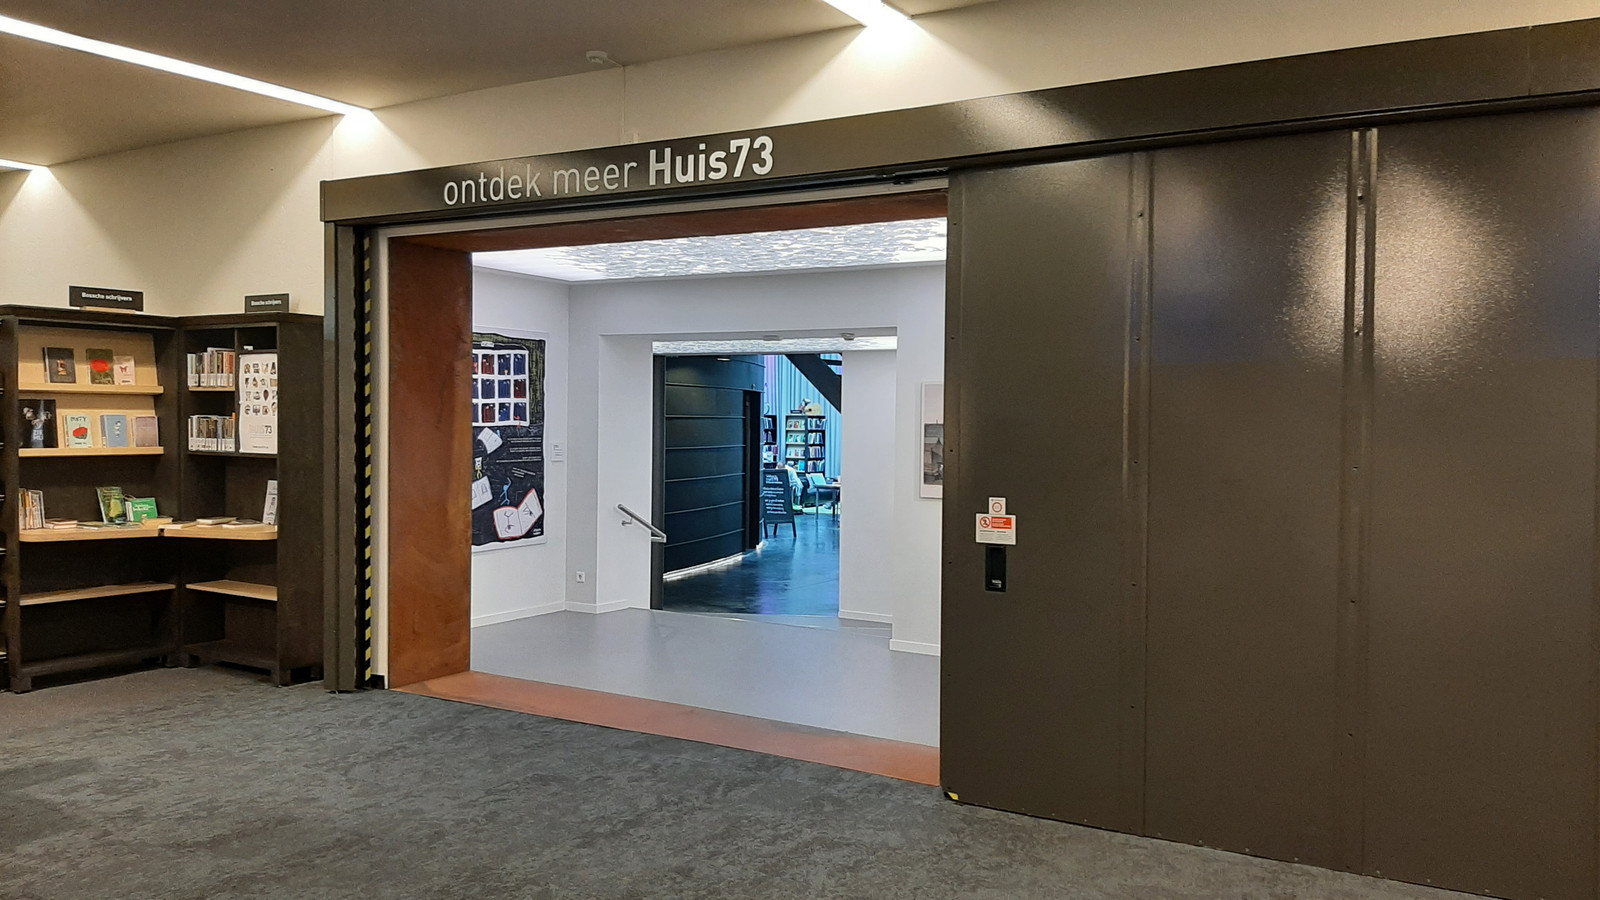 De doorgang van de bibliotheek naar het cultuurgedeelte van Huis73 in Den Bosch.